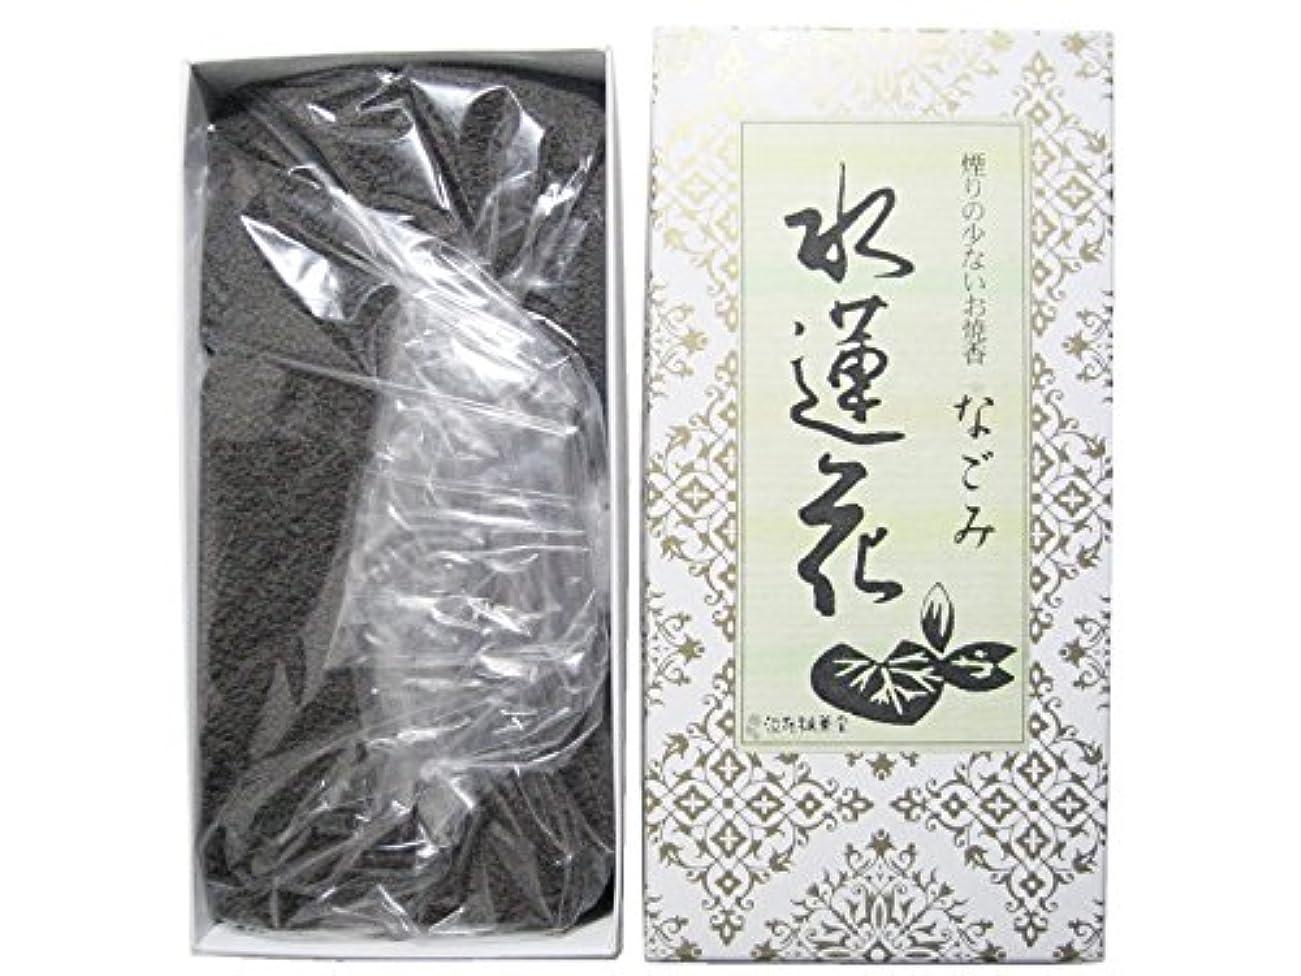 選択変換するスキャン淡路梅薫堂のお香 煙の少ないお焼香 なごみ 水蓮花 500g×30箱 #931